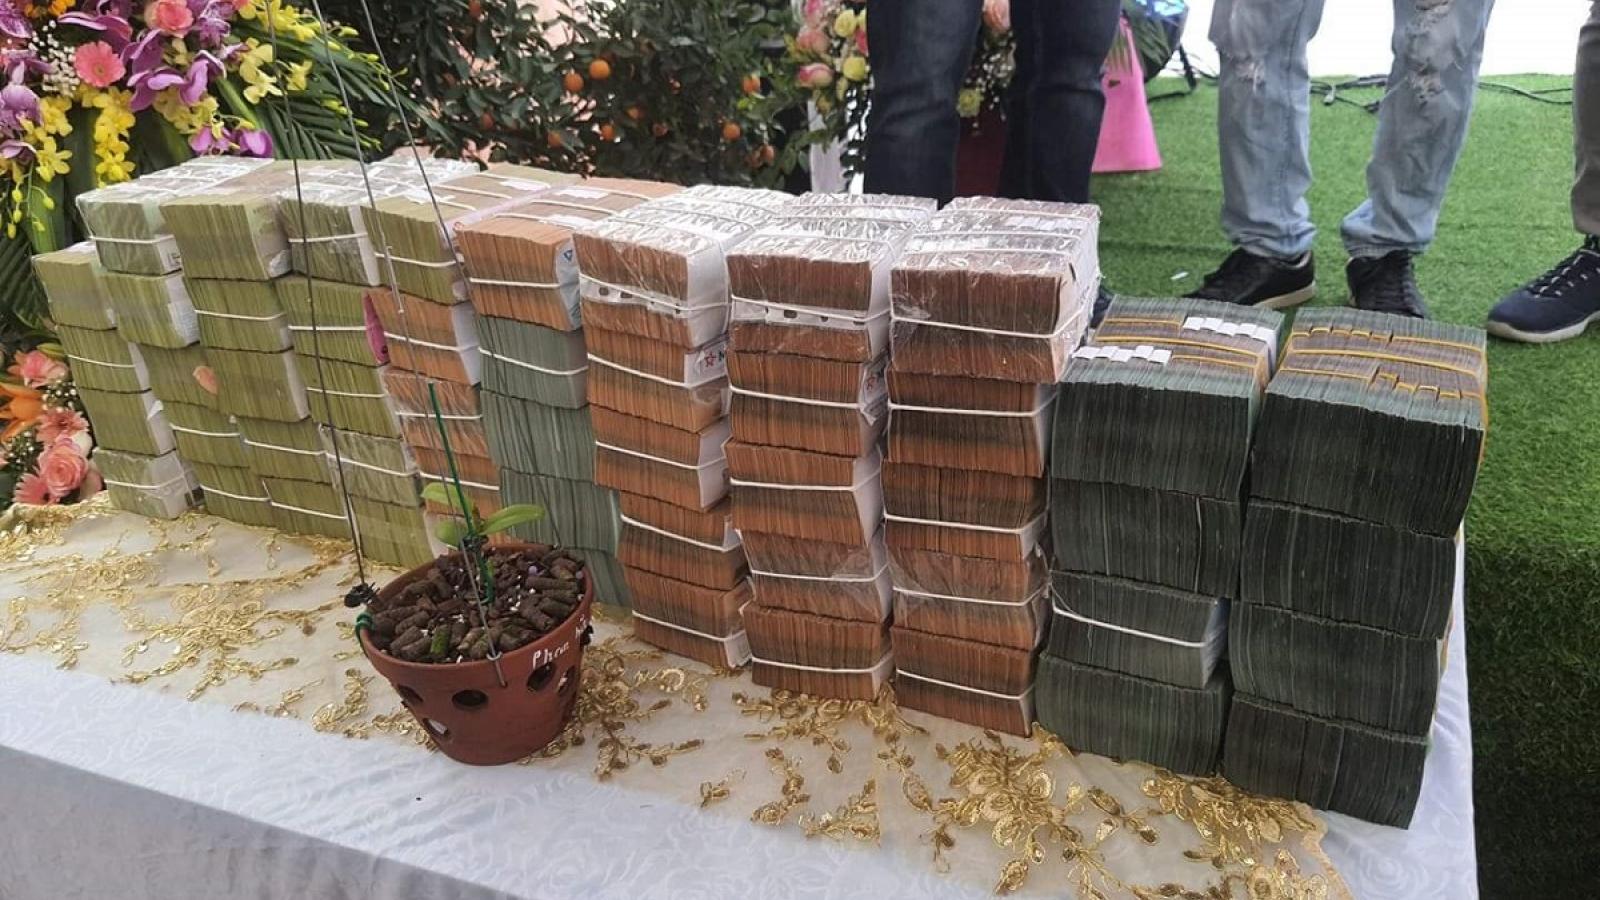 Nghi vấn quanh vụ mua bán lan var Ngọc Sơn Cước 250 tỷ đồng ở Quảng Ninh